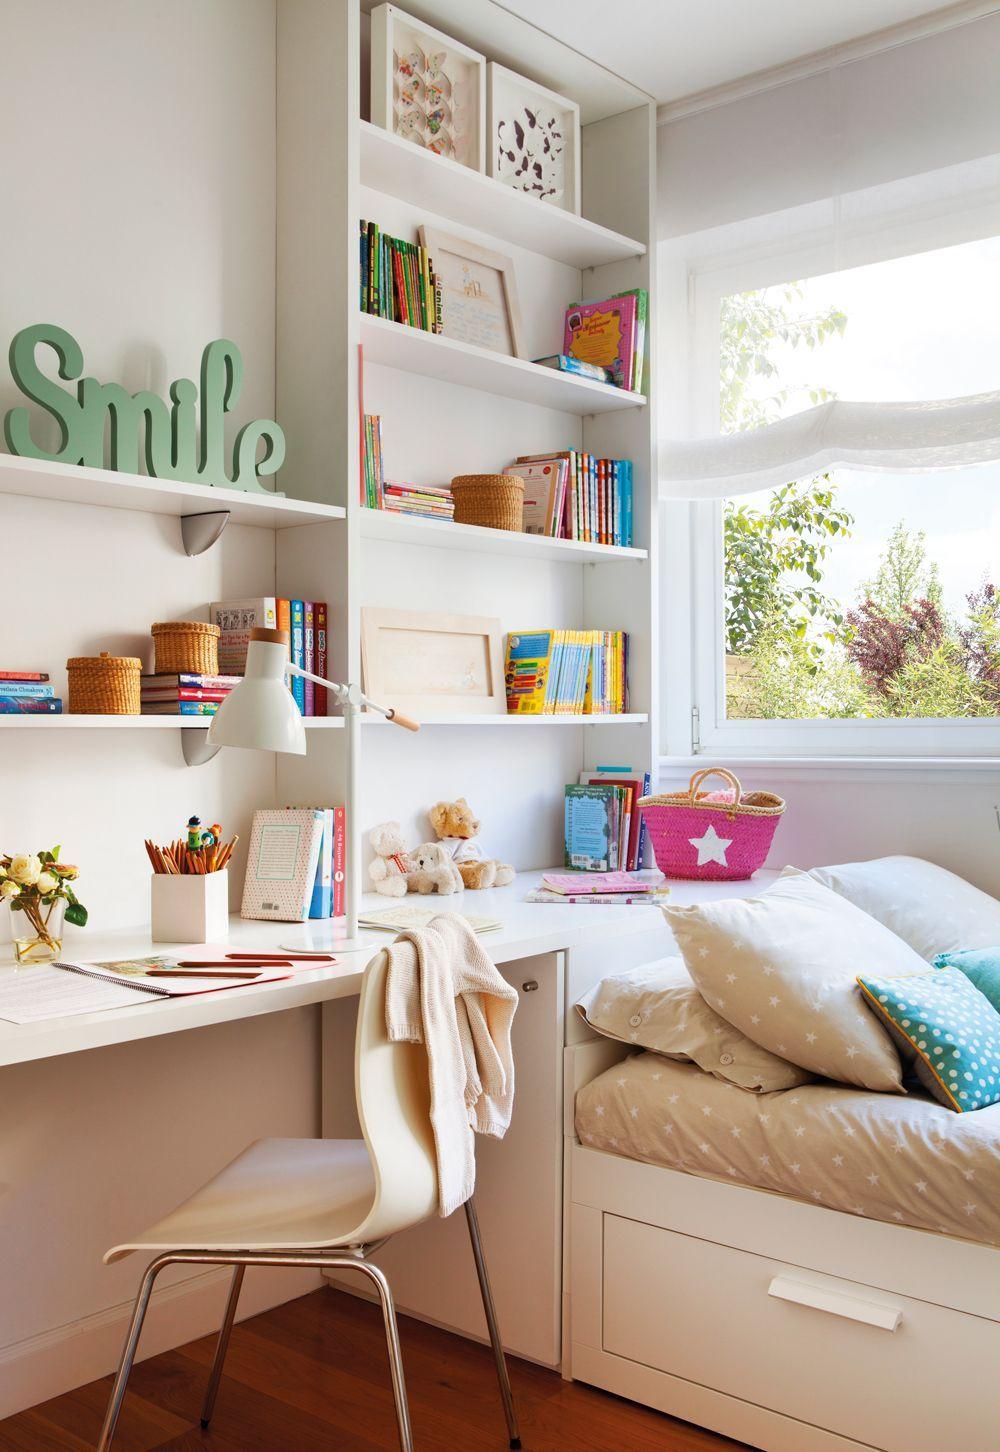 00423371 habitaci n juvenil con cama estanter a y - Libros de decoracion de interiores ...